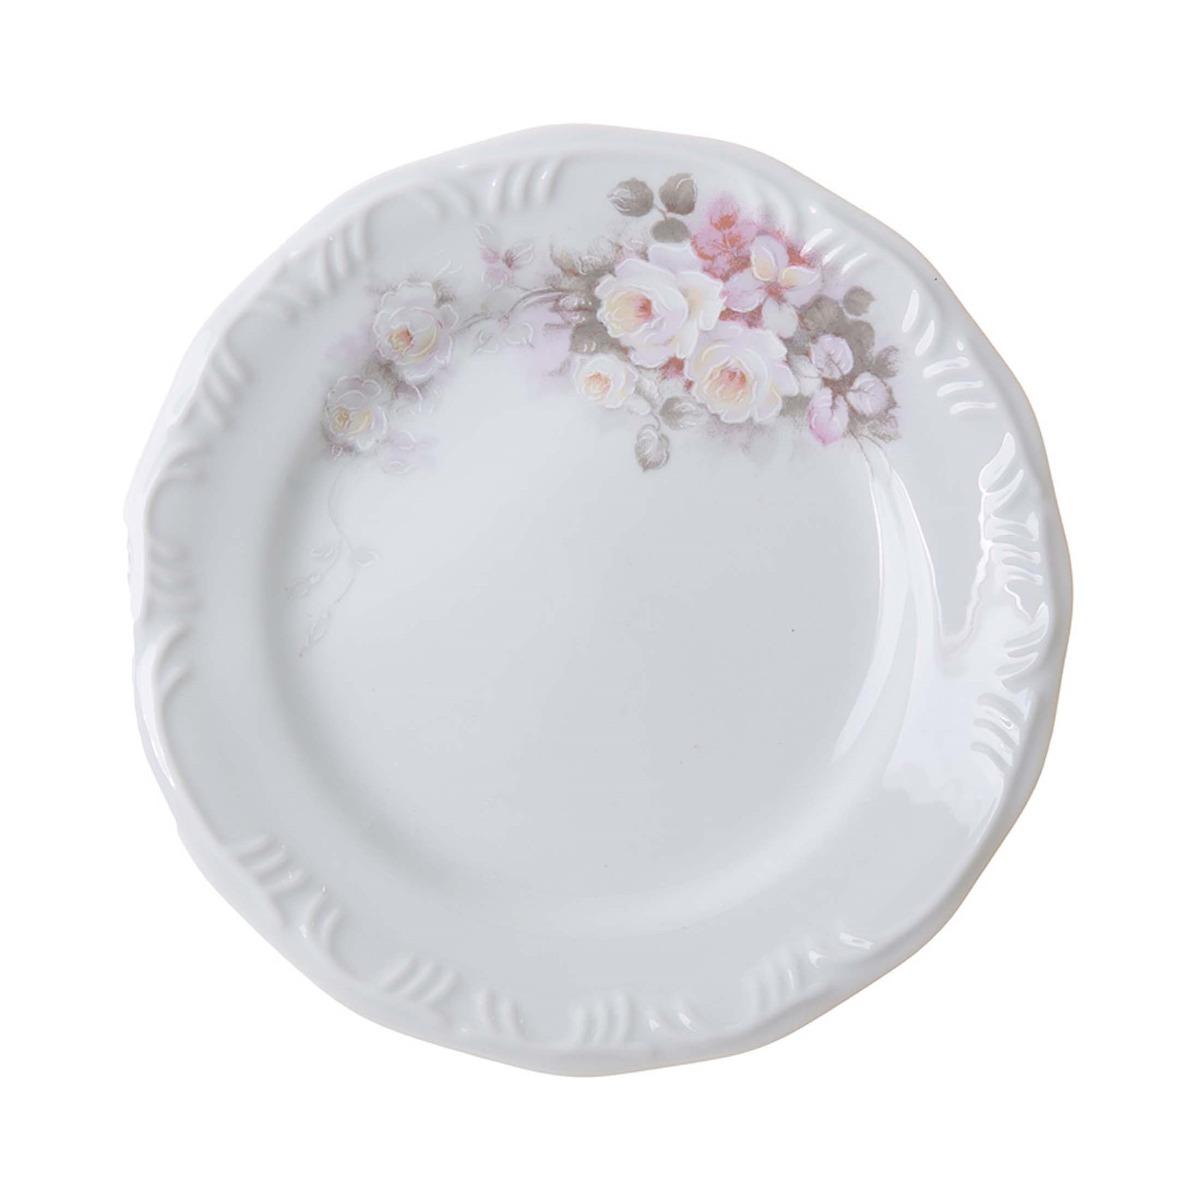 Aparelho De Jantar Eterna Schmidt Porcelana 30 Peças R$ 599 90 no  #755658 1200x1200